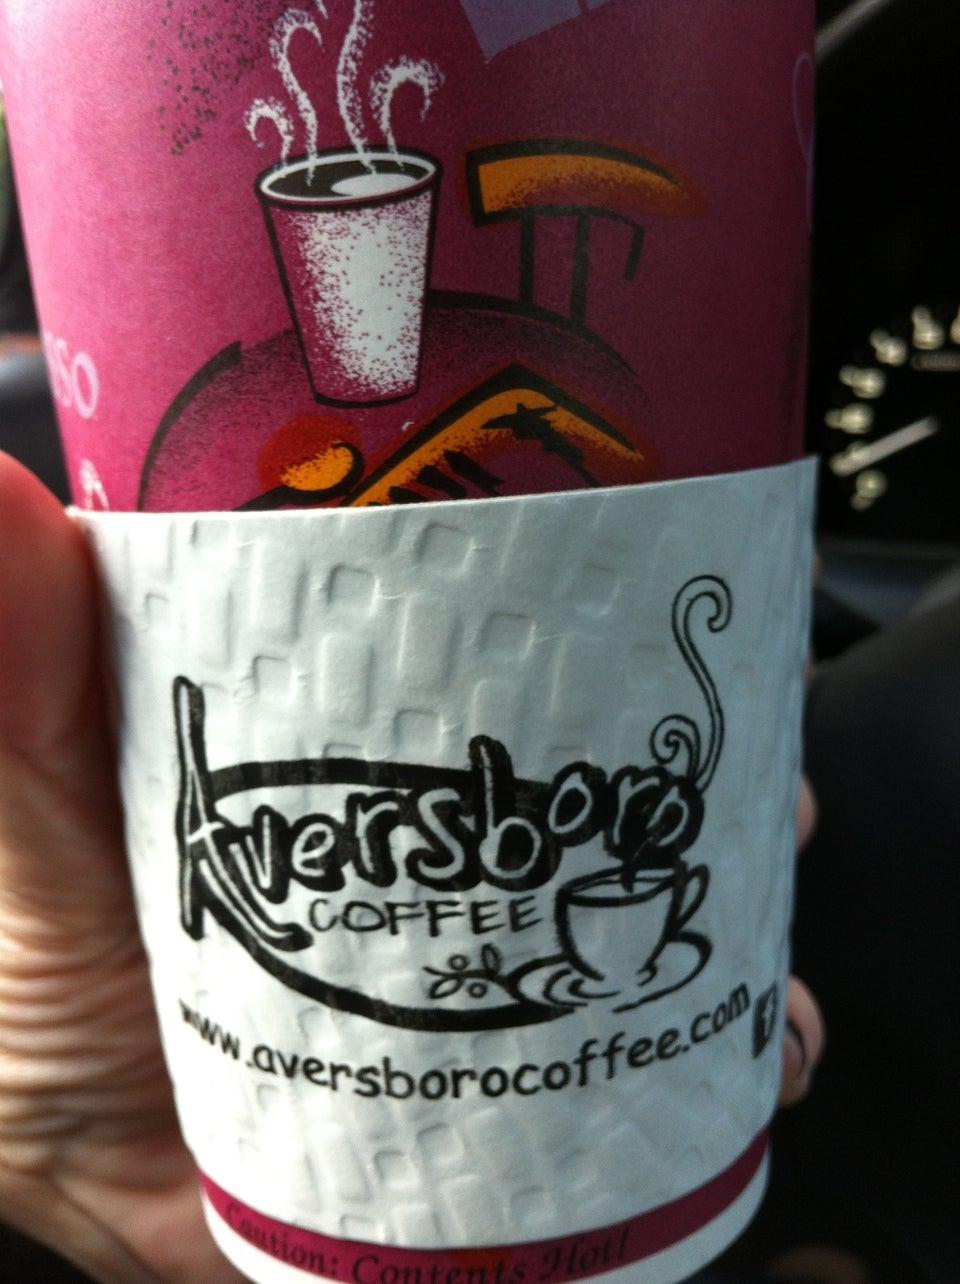 Aversboro Coffee 1401 Aversboro Rd #103, Garner